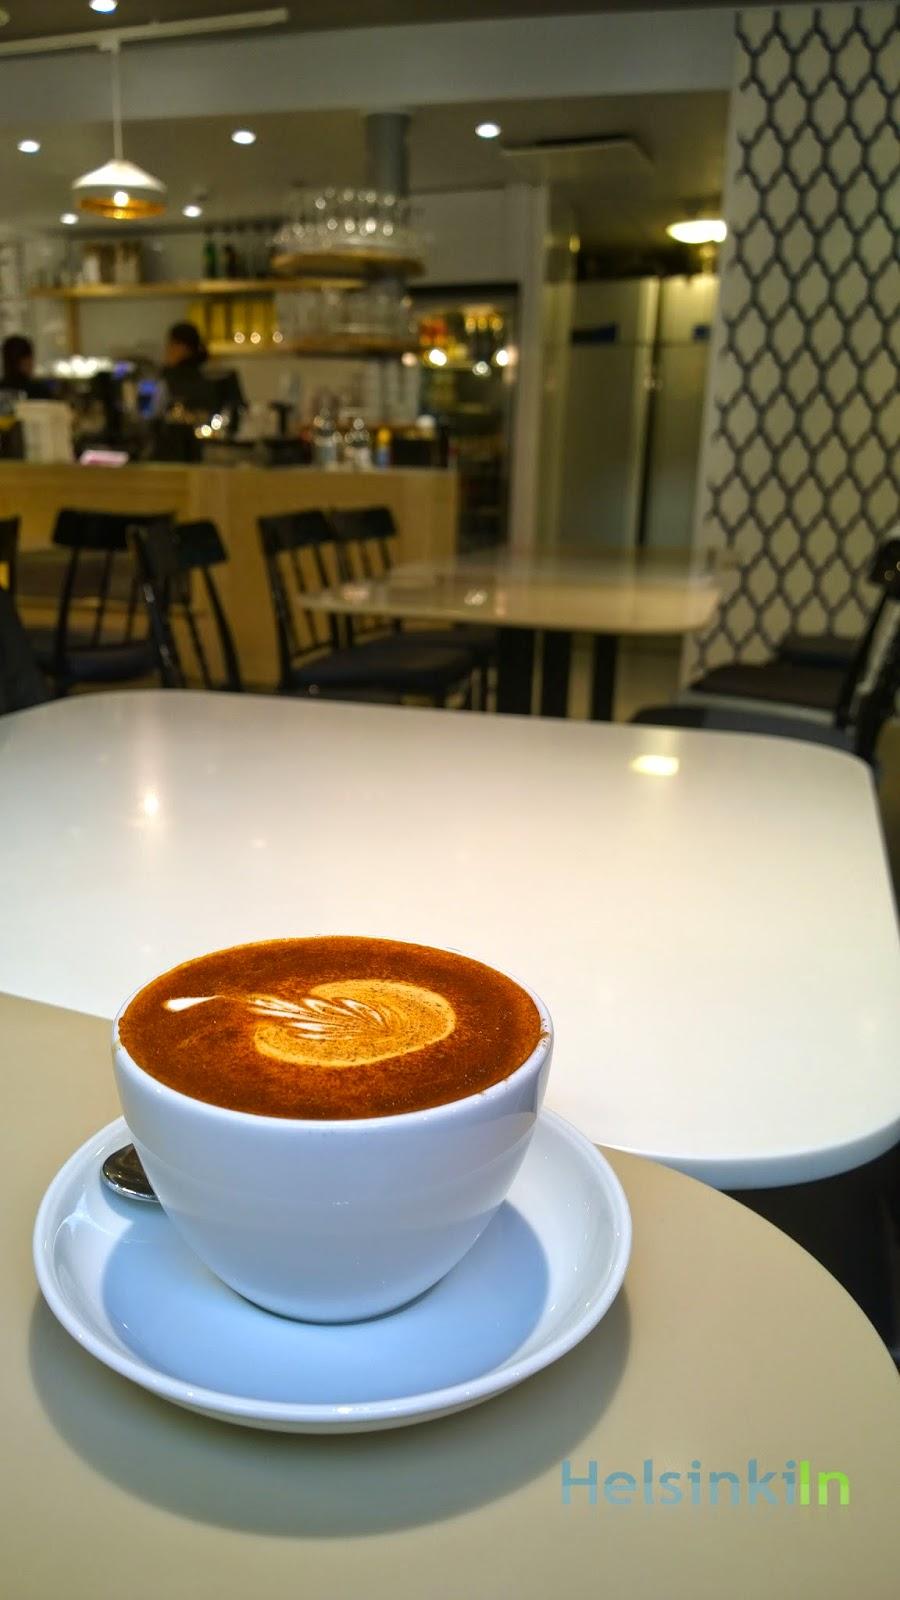 Red Cappuccino at Fazer